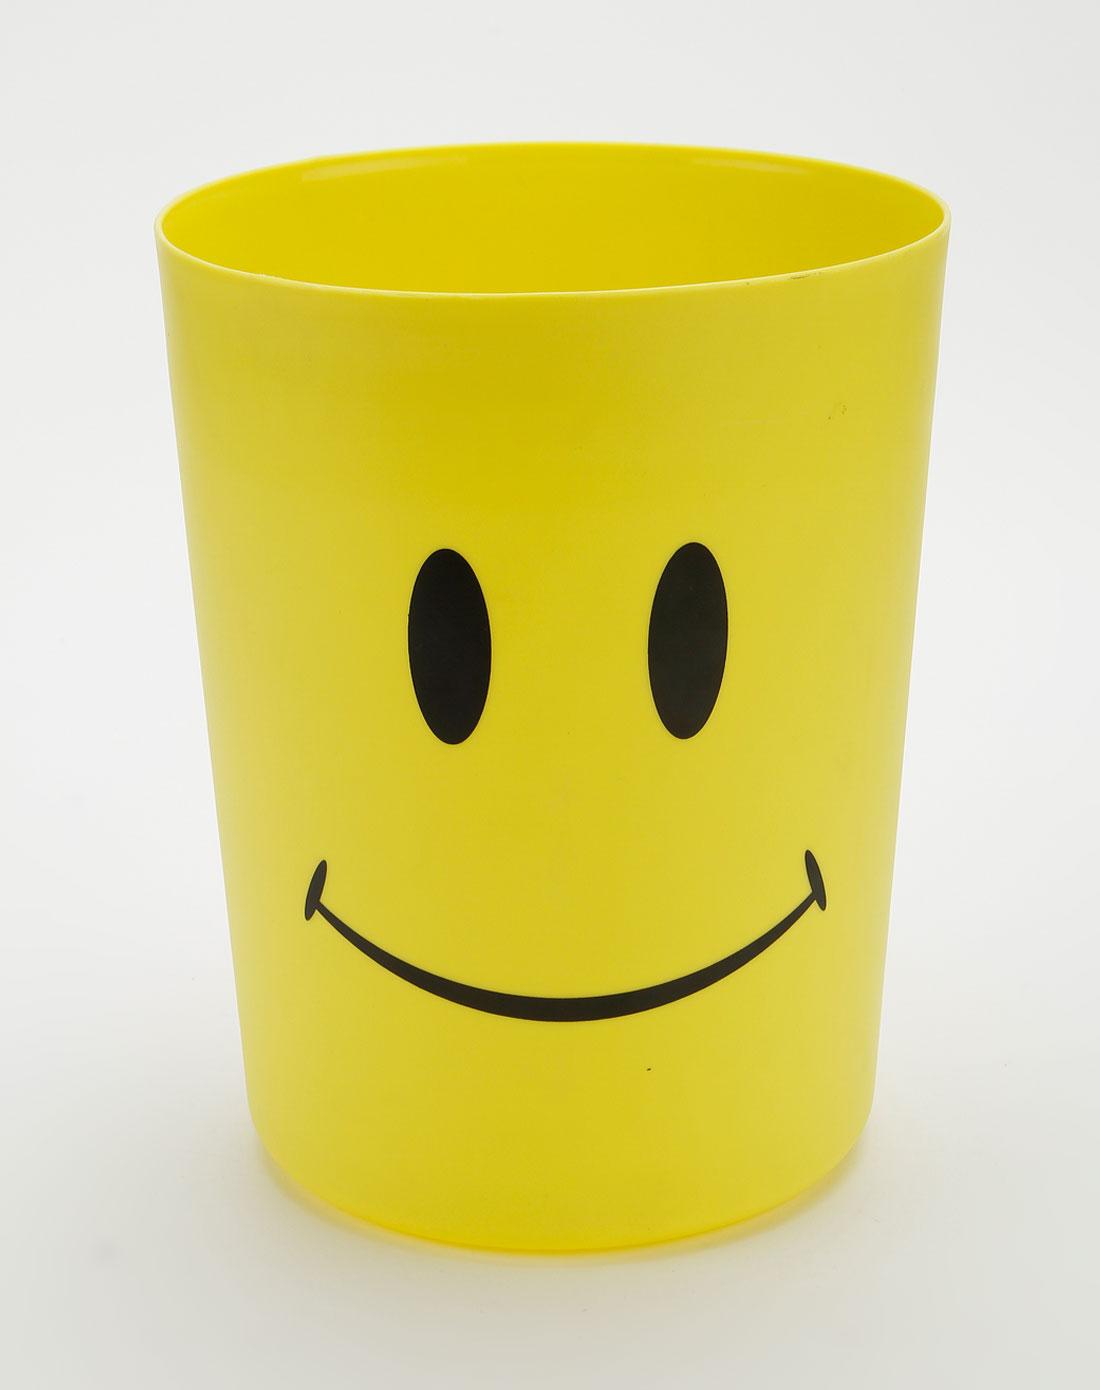 小学生纸箱手工制作垃圾桶